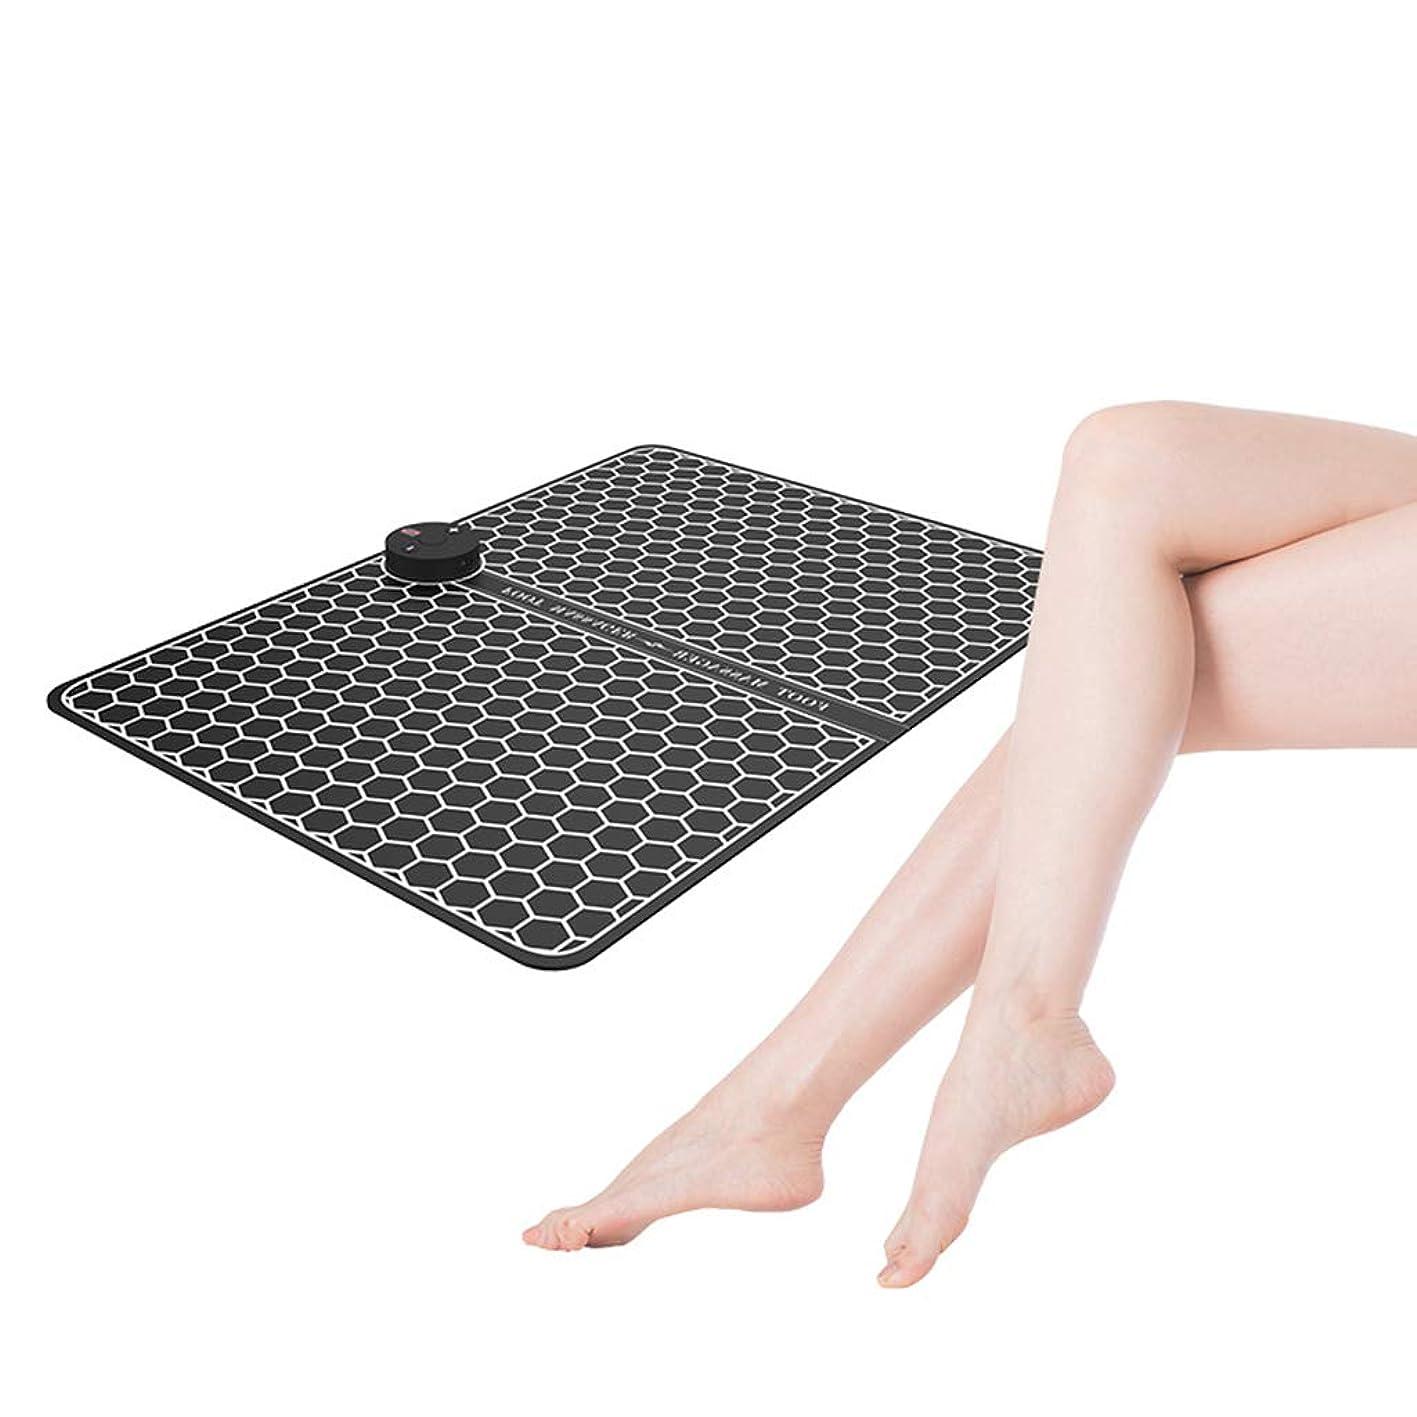 突然消去先駆者理性的な理学療法の脈拍のマッサージャー、電気EMSの足のマッサージャーのABS理学療法の生き返らせるペディキュア10の足のバイブレーター無線フィート筋肉刺激物男女兼用